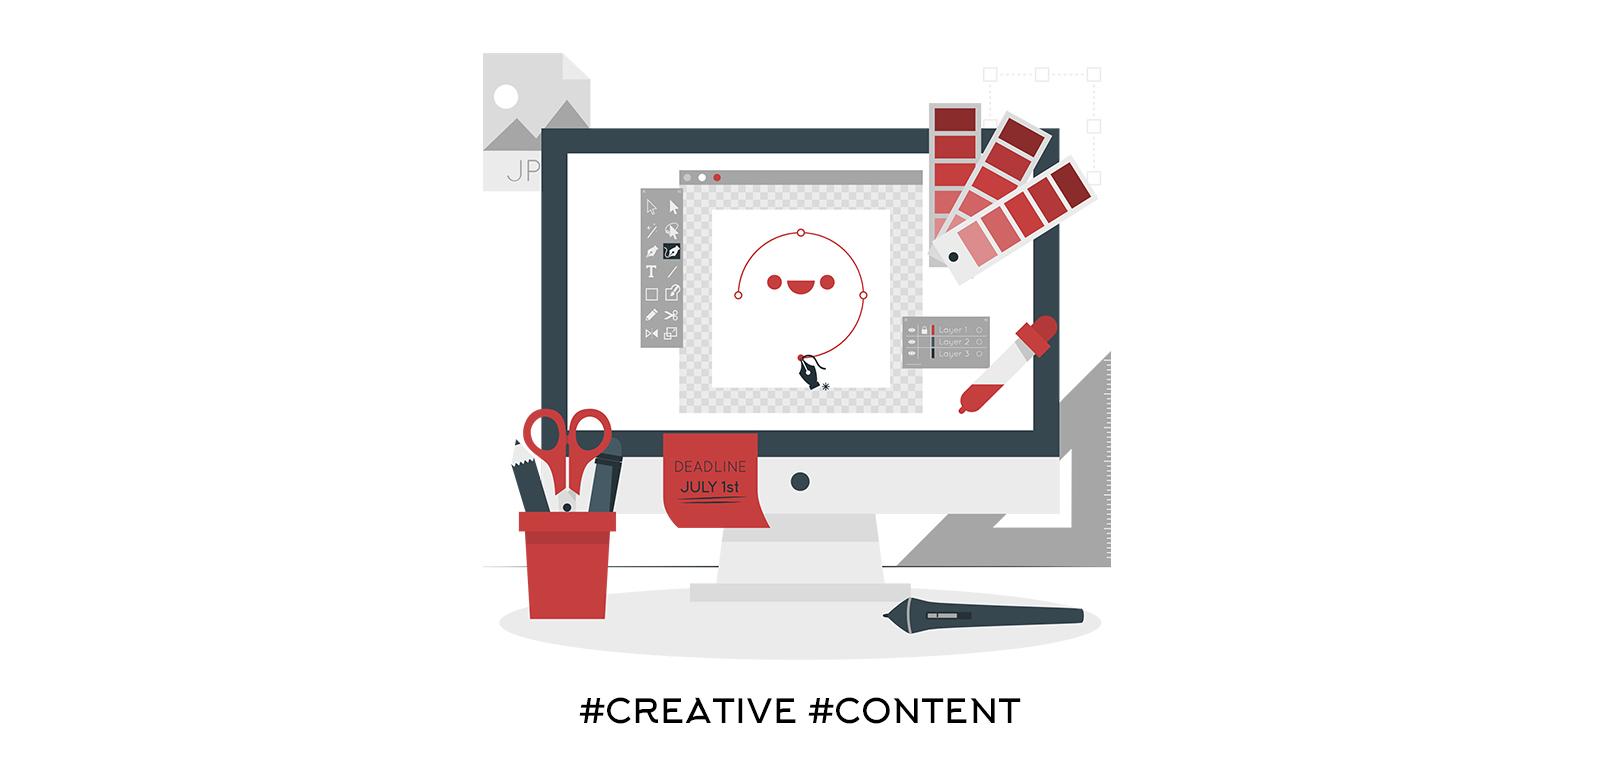 Създаване на творческо съдържание